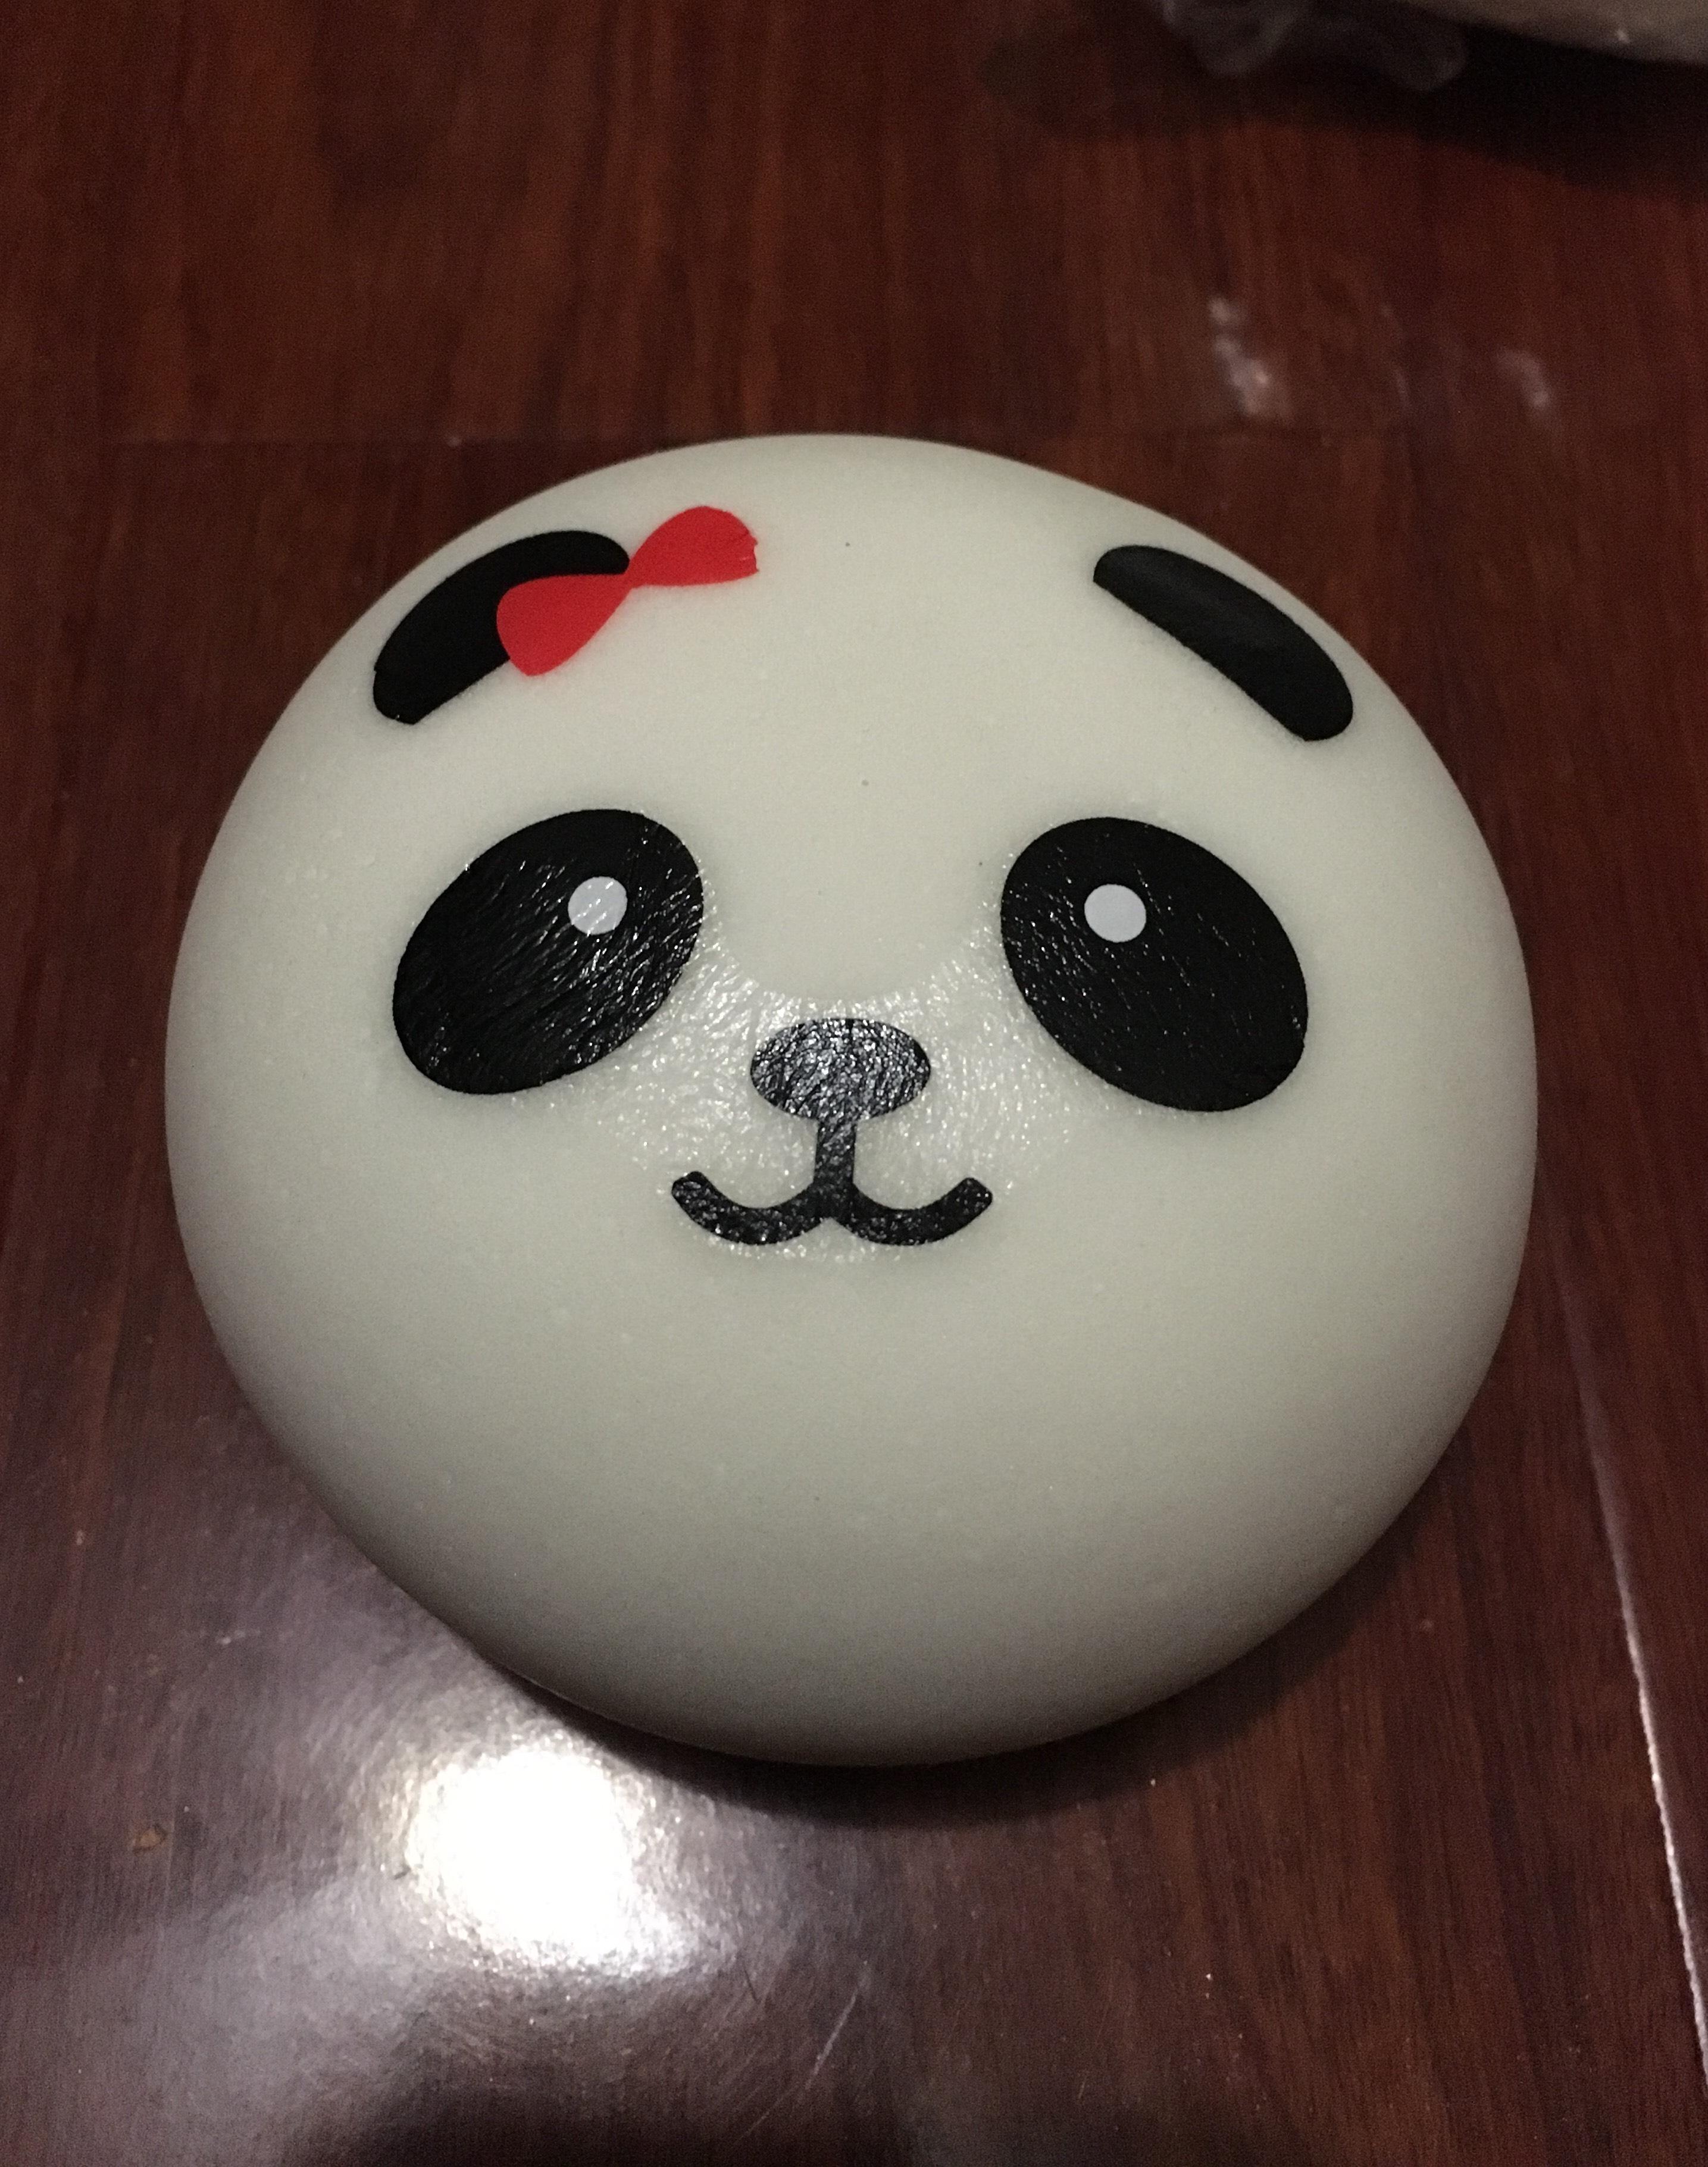 Jumbo Marshmallow Squishy Bun : Jumbo Panda Bun Squishy ? MarshmallowSlimey ? Online Store Powered by Storenvy